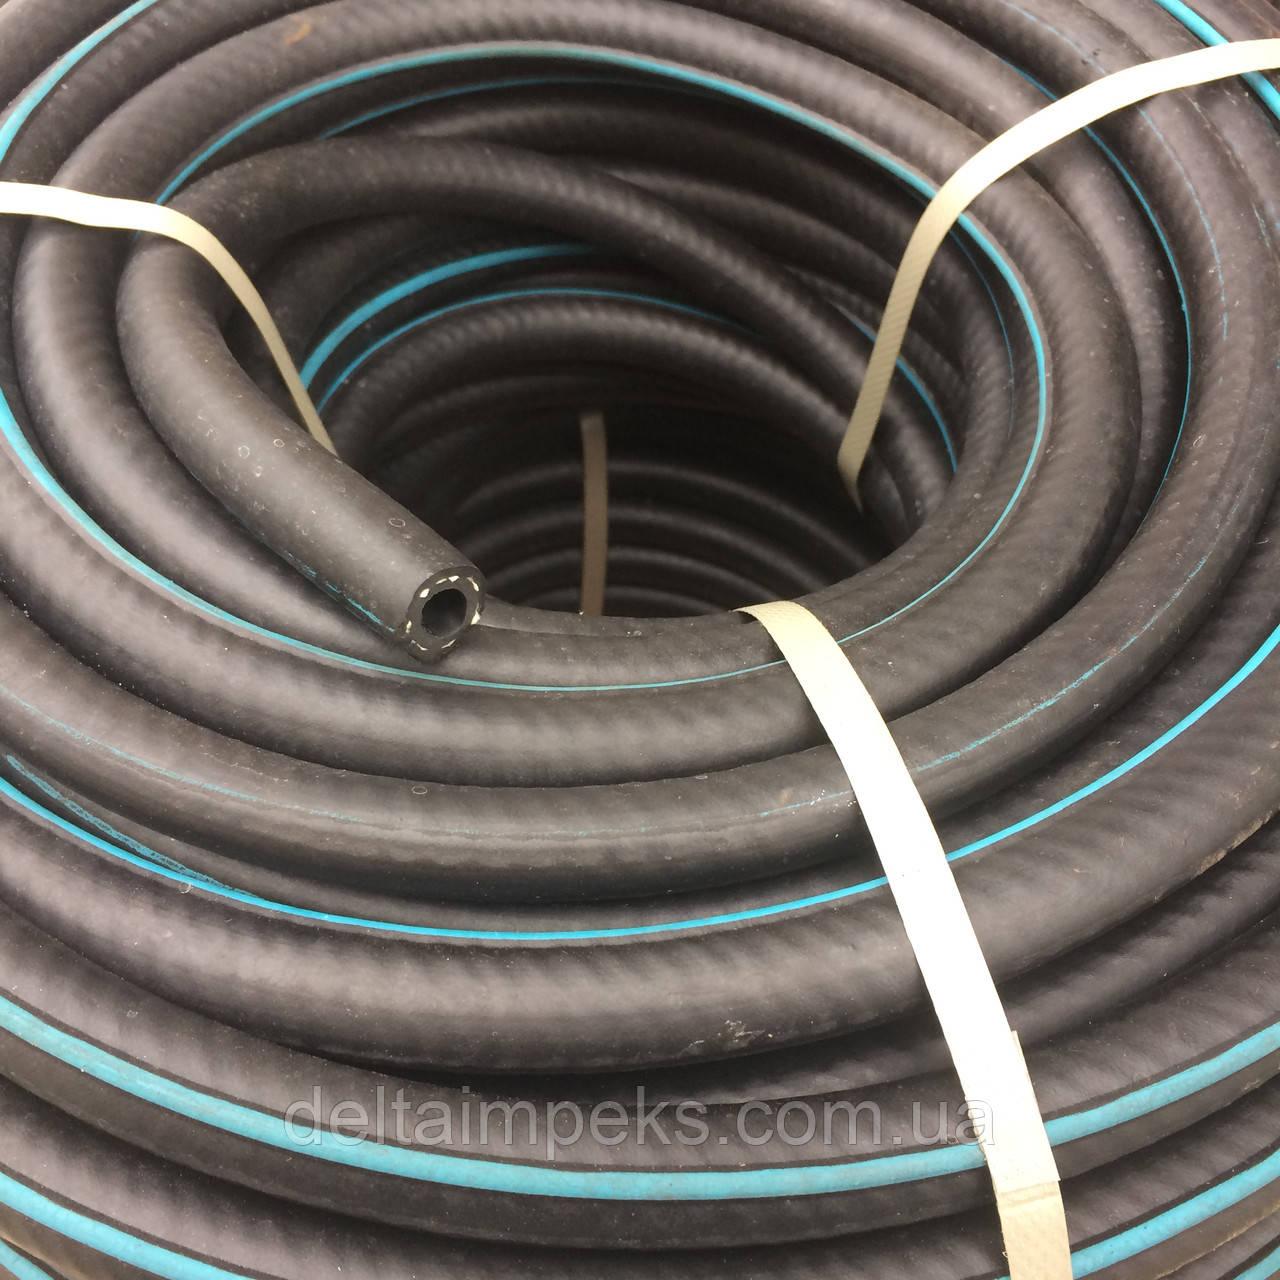 Рукав газосварочный кислородный 9 мм, ІІІ-9-2,0 ГОСТ 9356-75